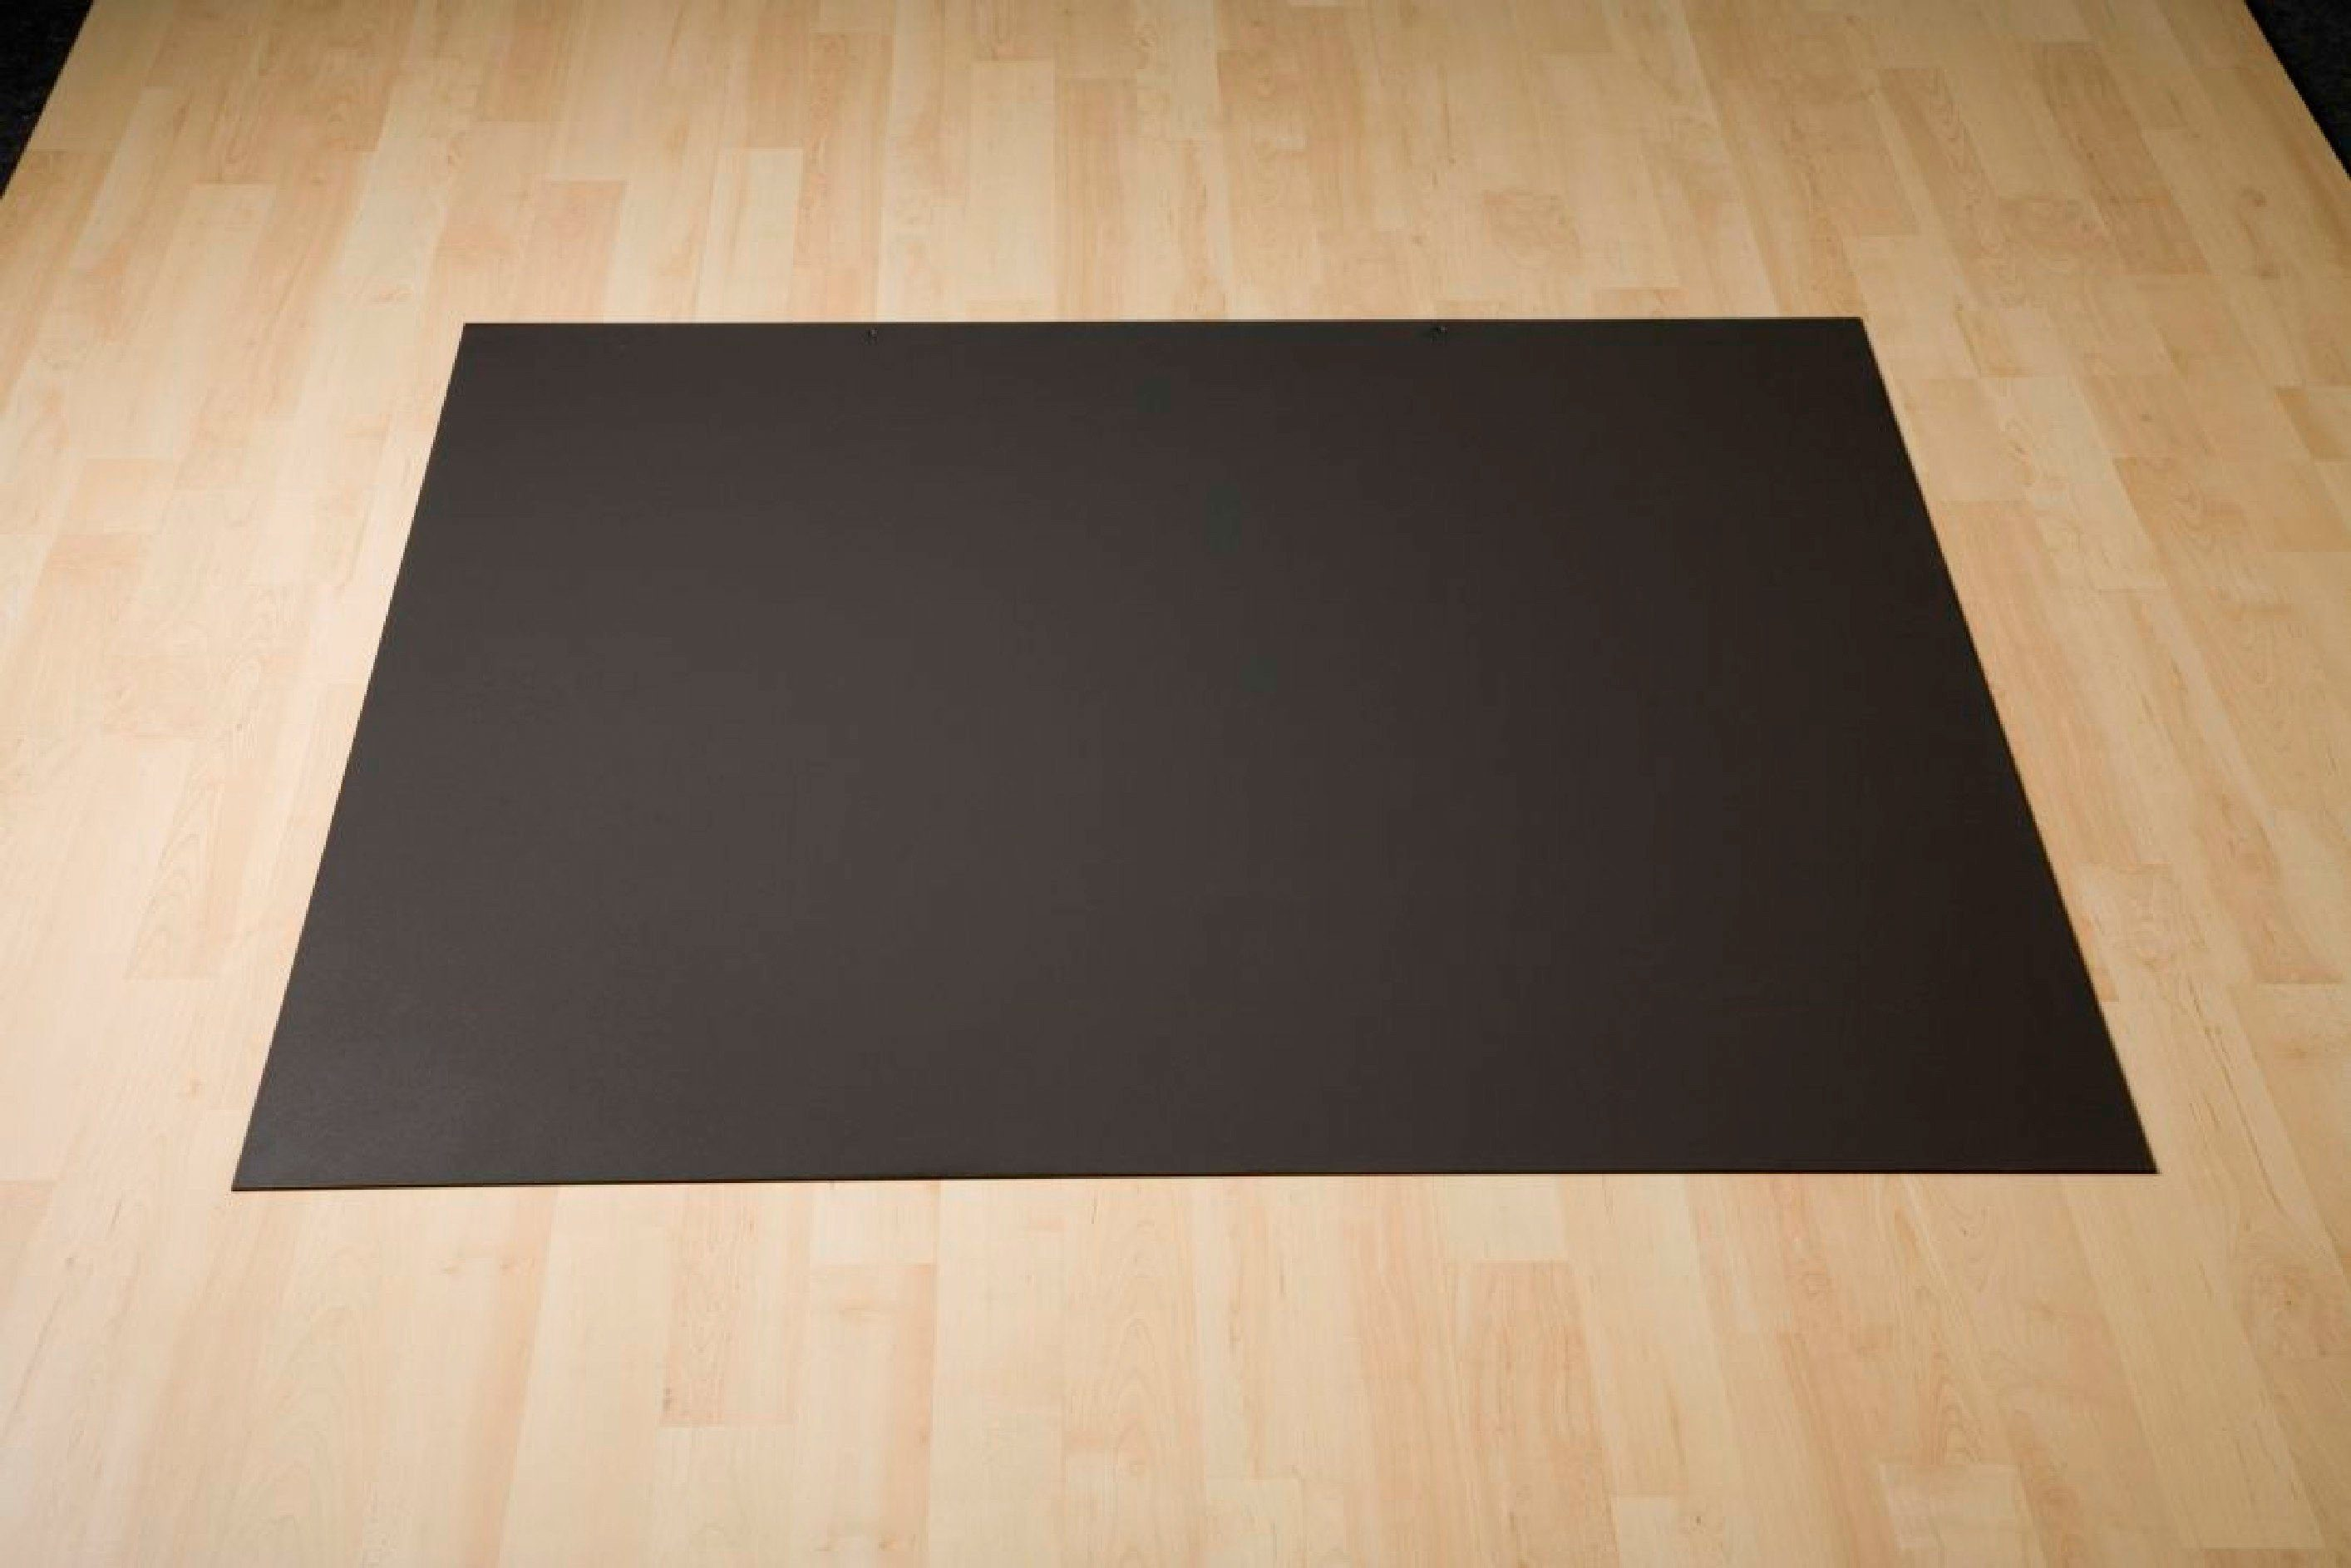 Stahlbodenplatte »Rechteck«, grau, zum Funkenschutz